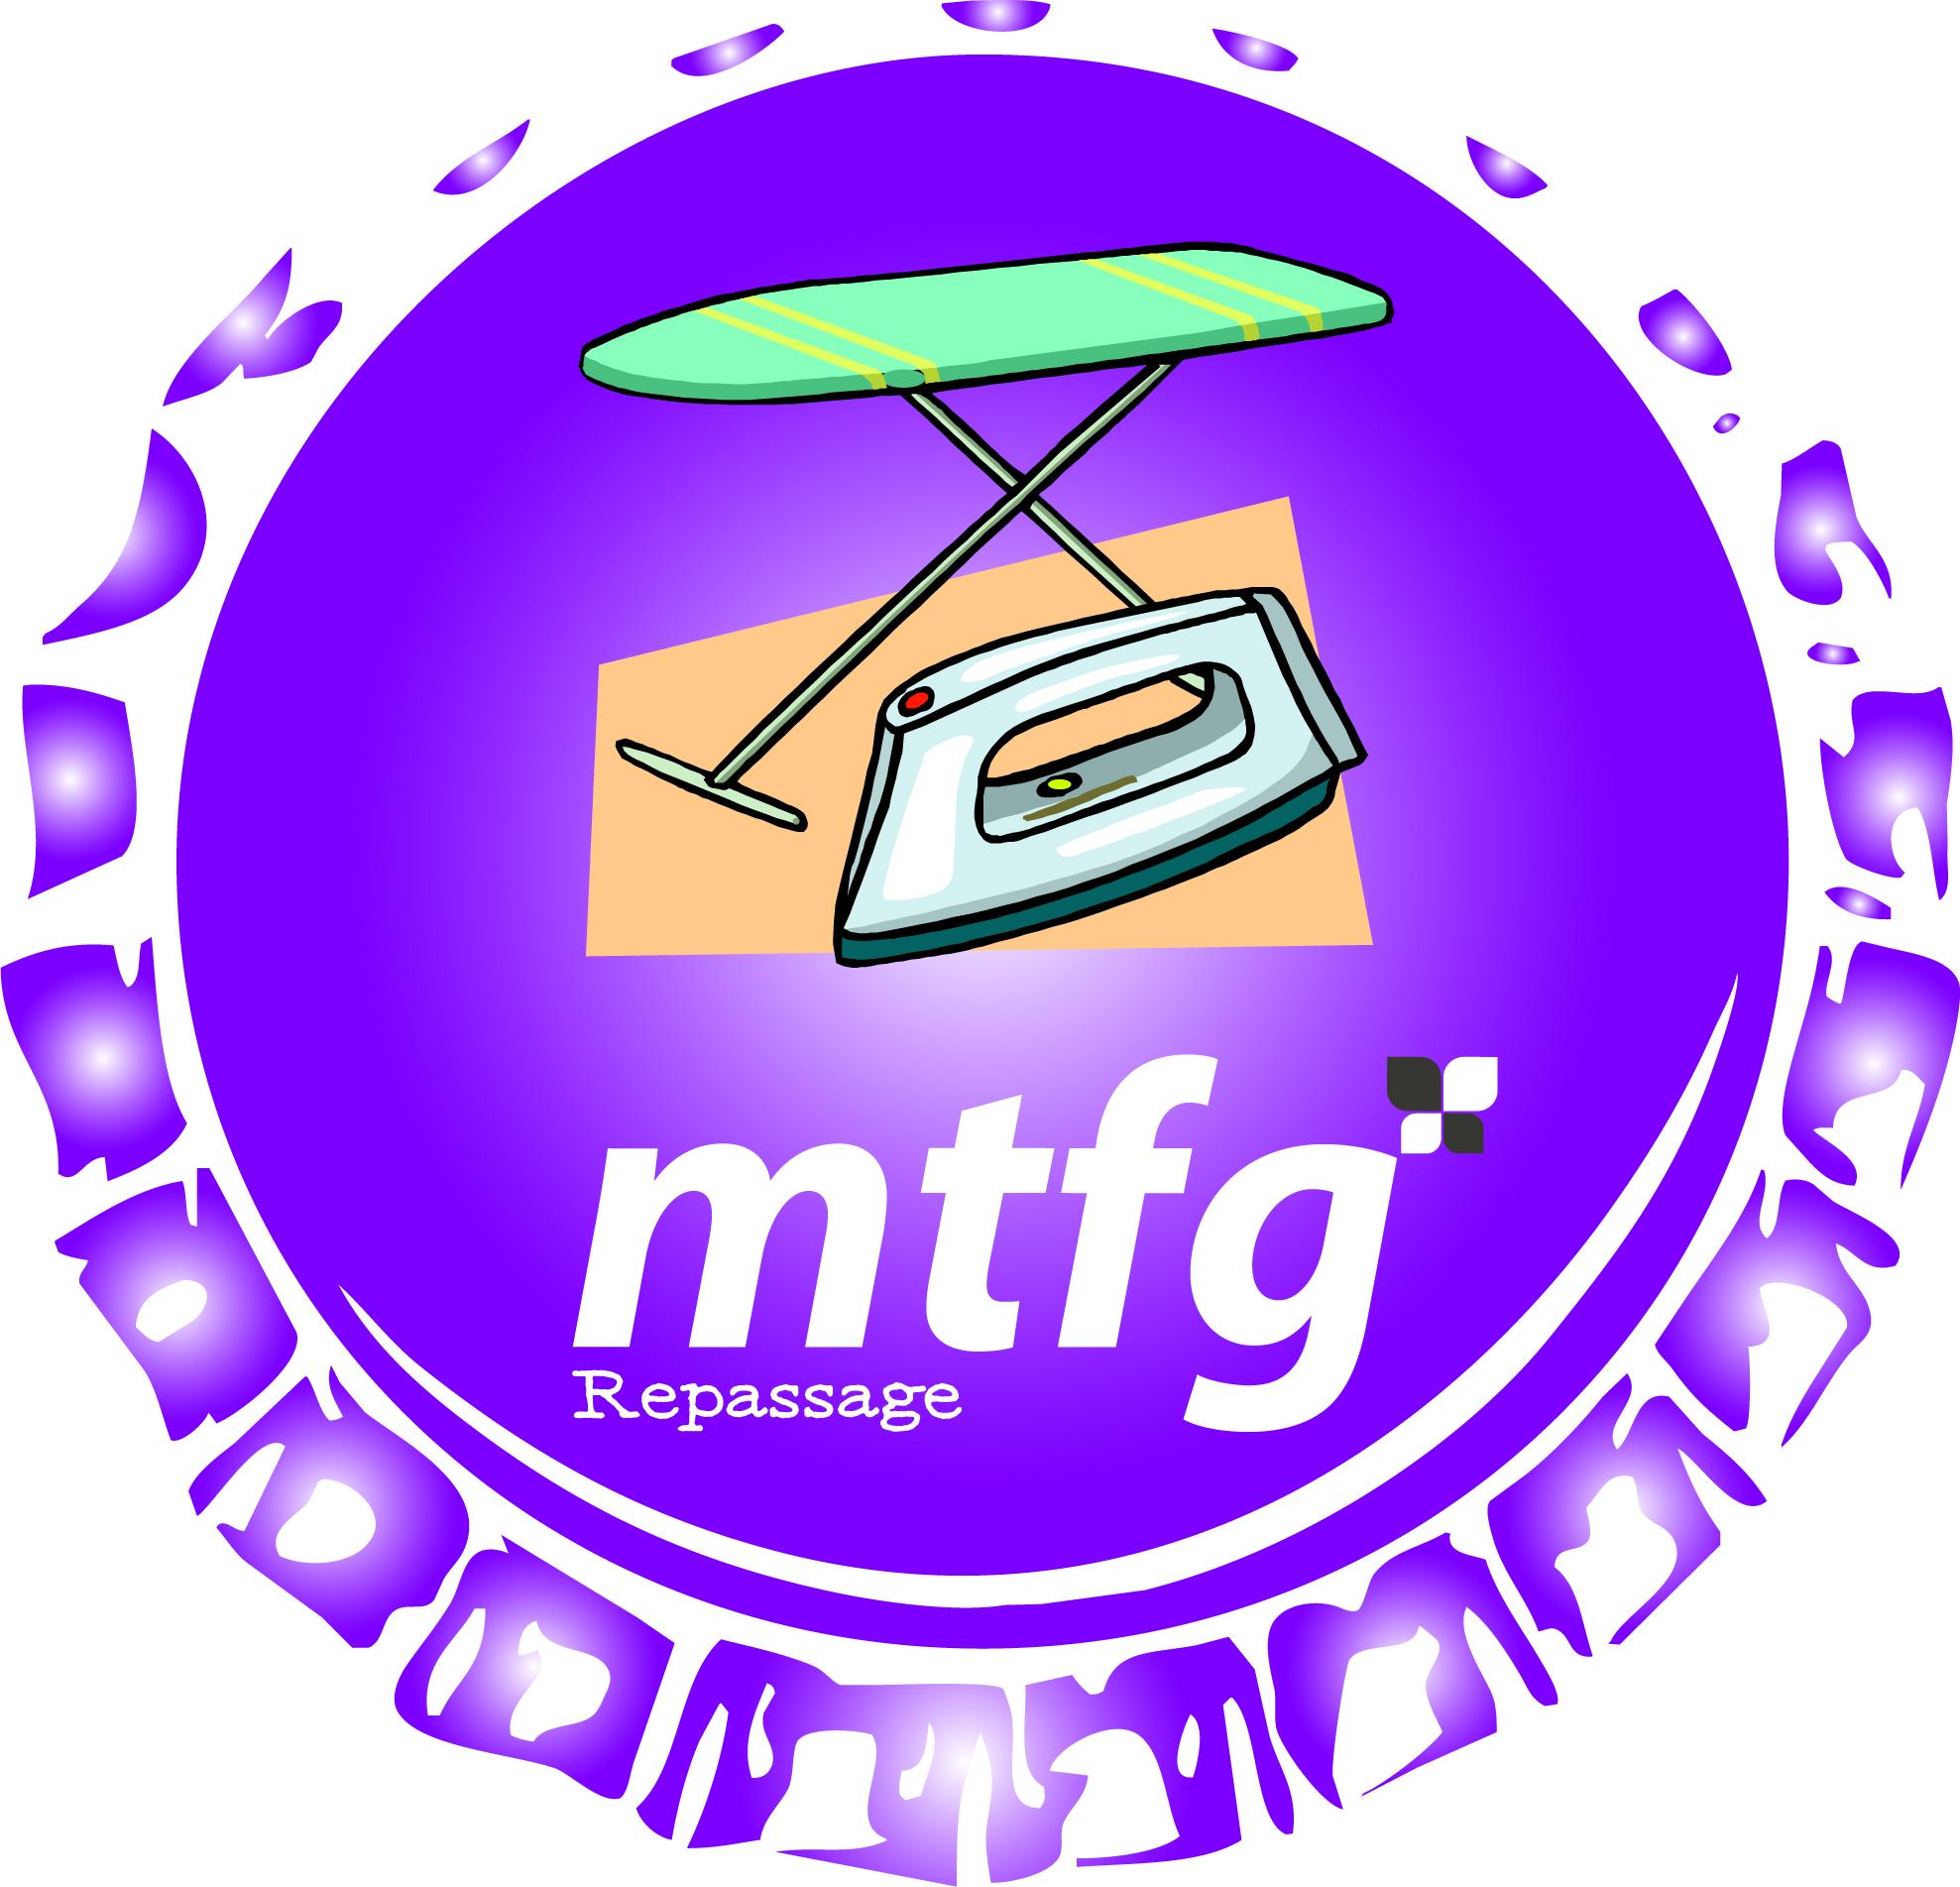 MTFG Repassage